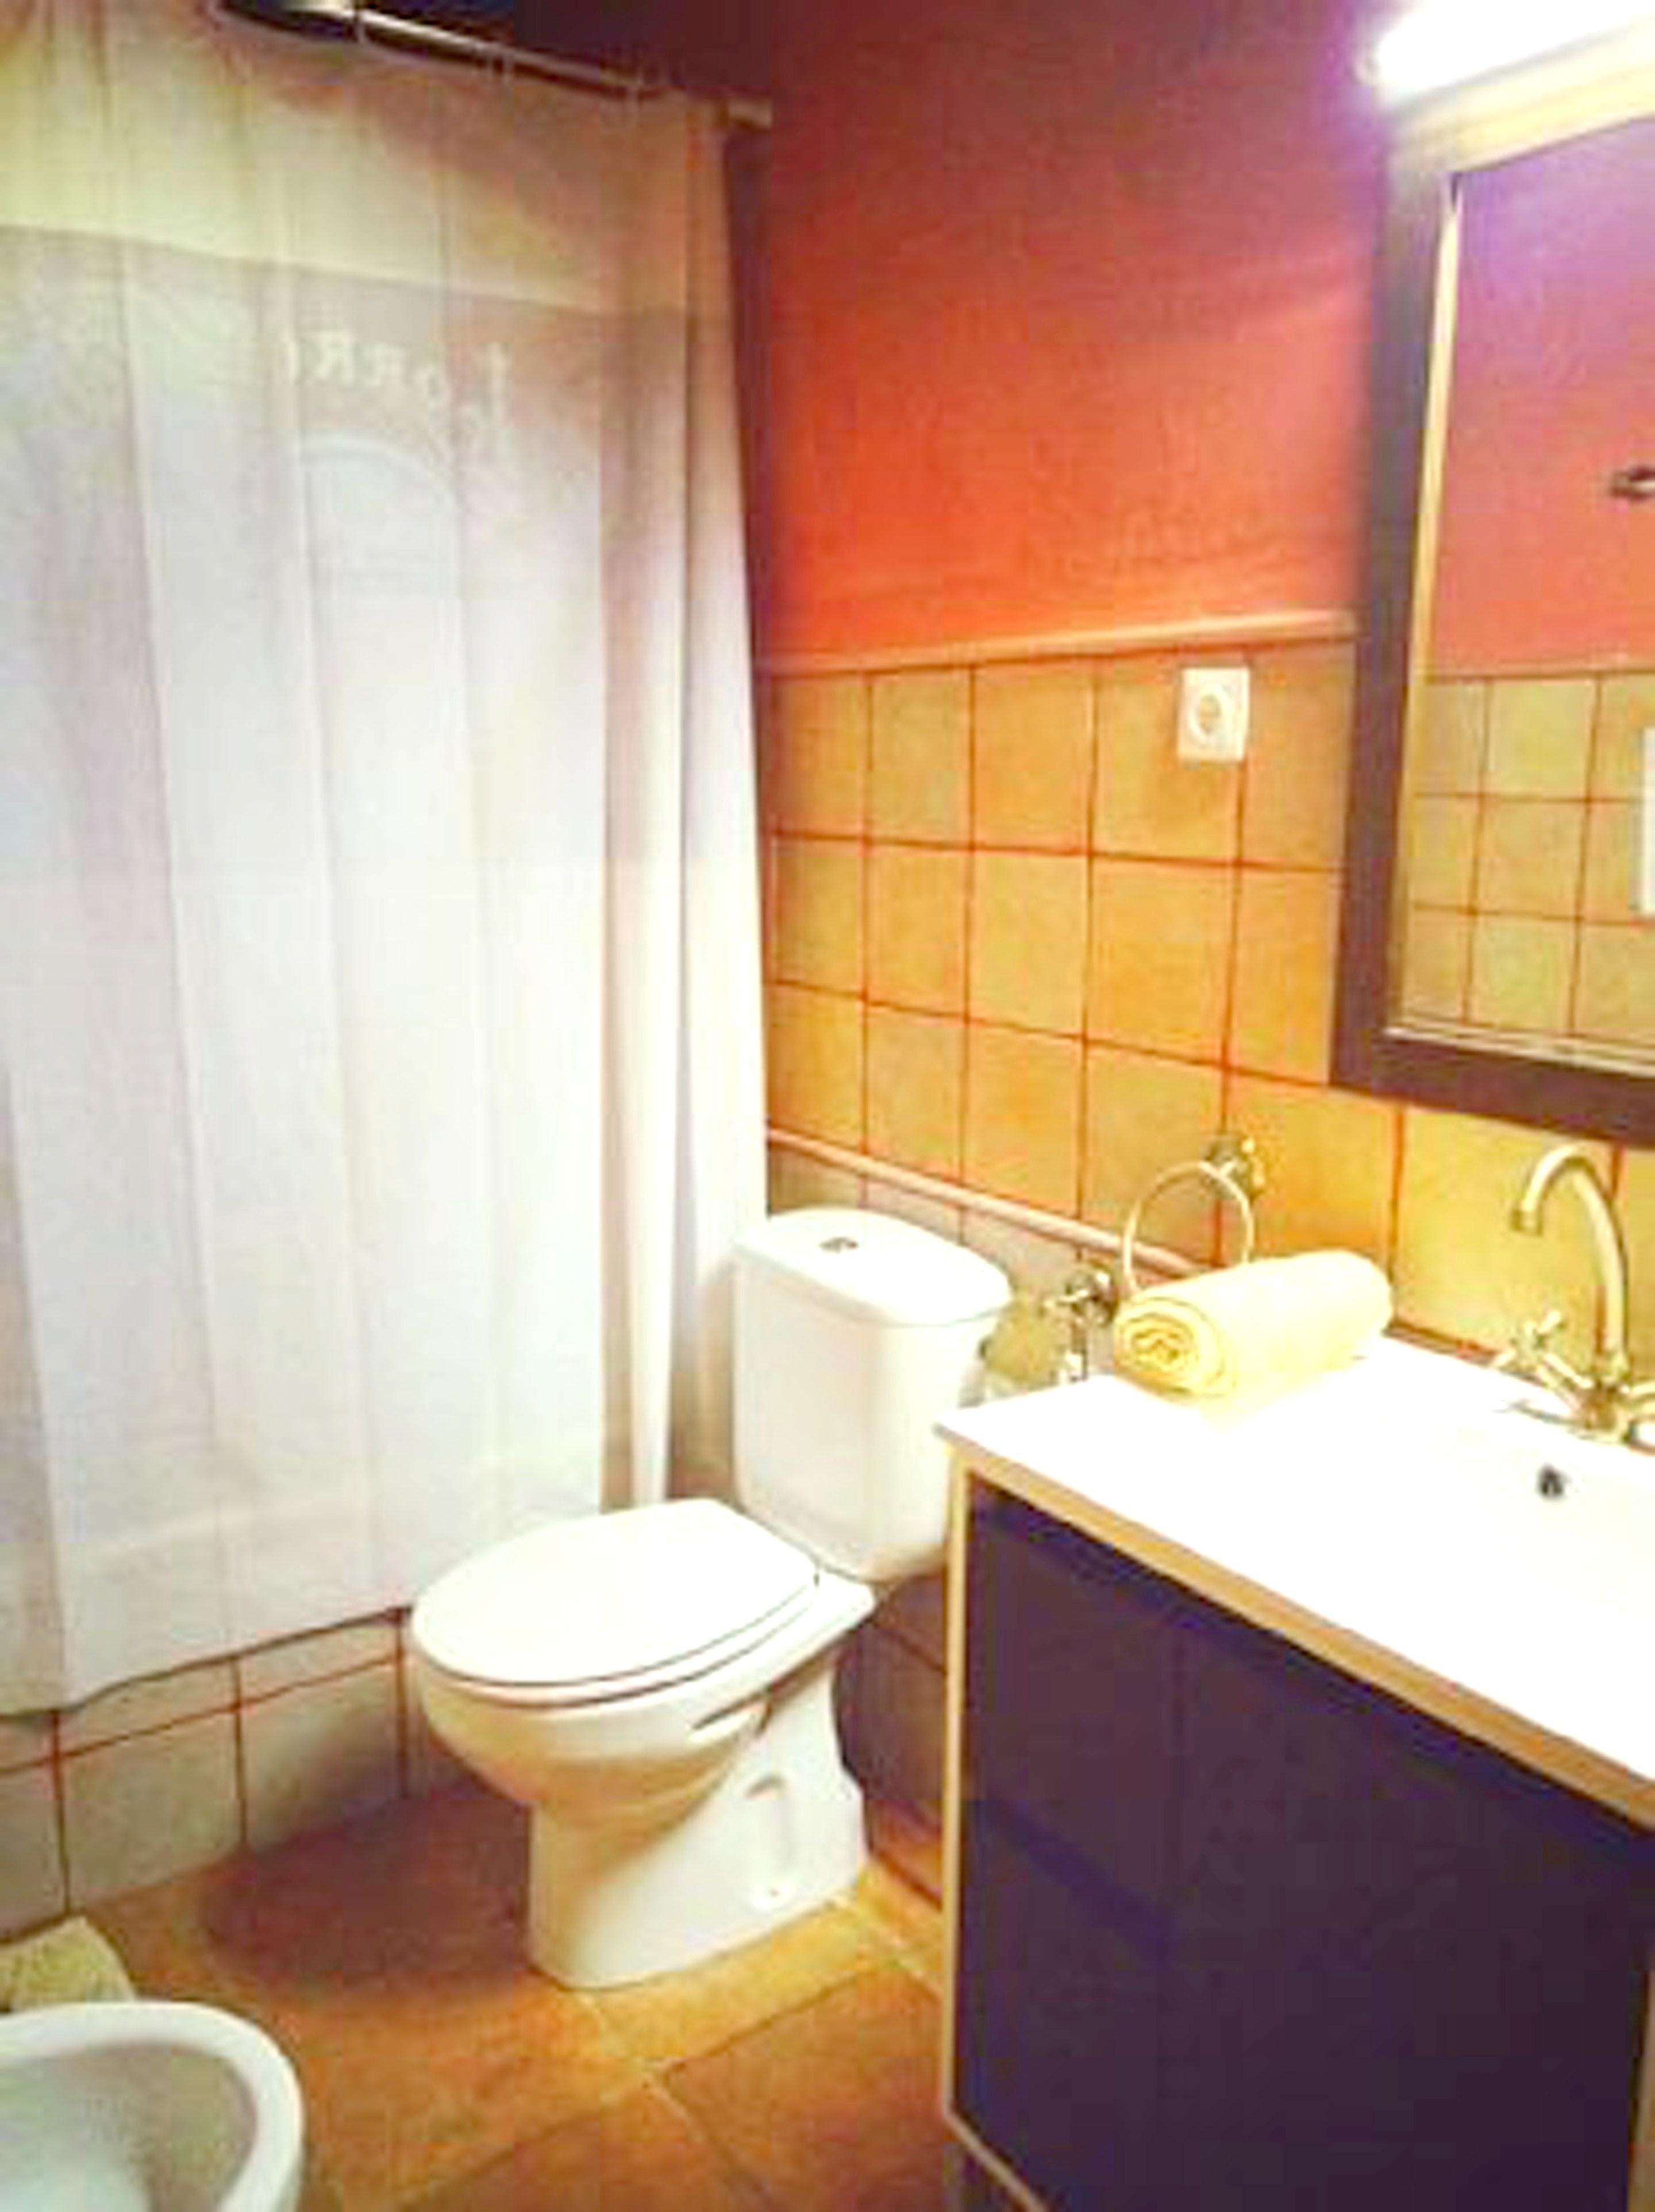 Ferienhaus Villa mit 6 Schlafzimmern in La Salzadella mit privatem Pool und eingezäuntem Garten (2706150), La Salzadella, Provinz Castellón, Valencia, Spanien, Bild 10